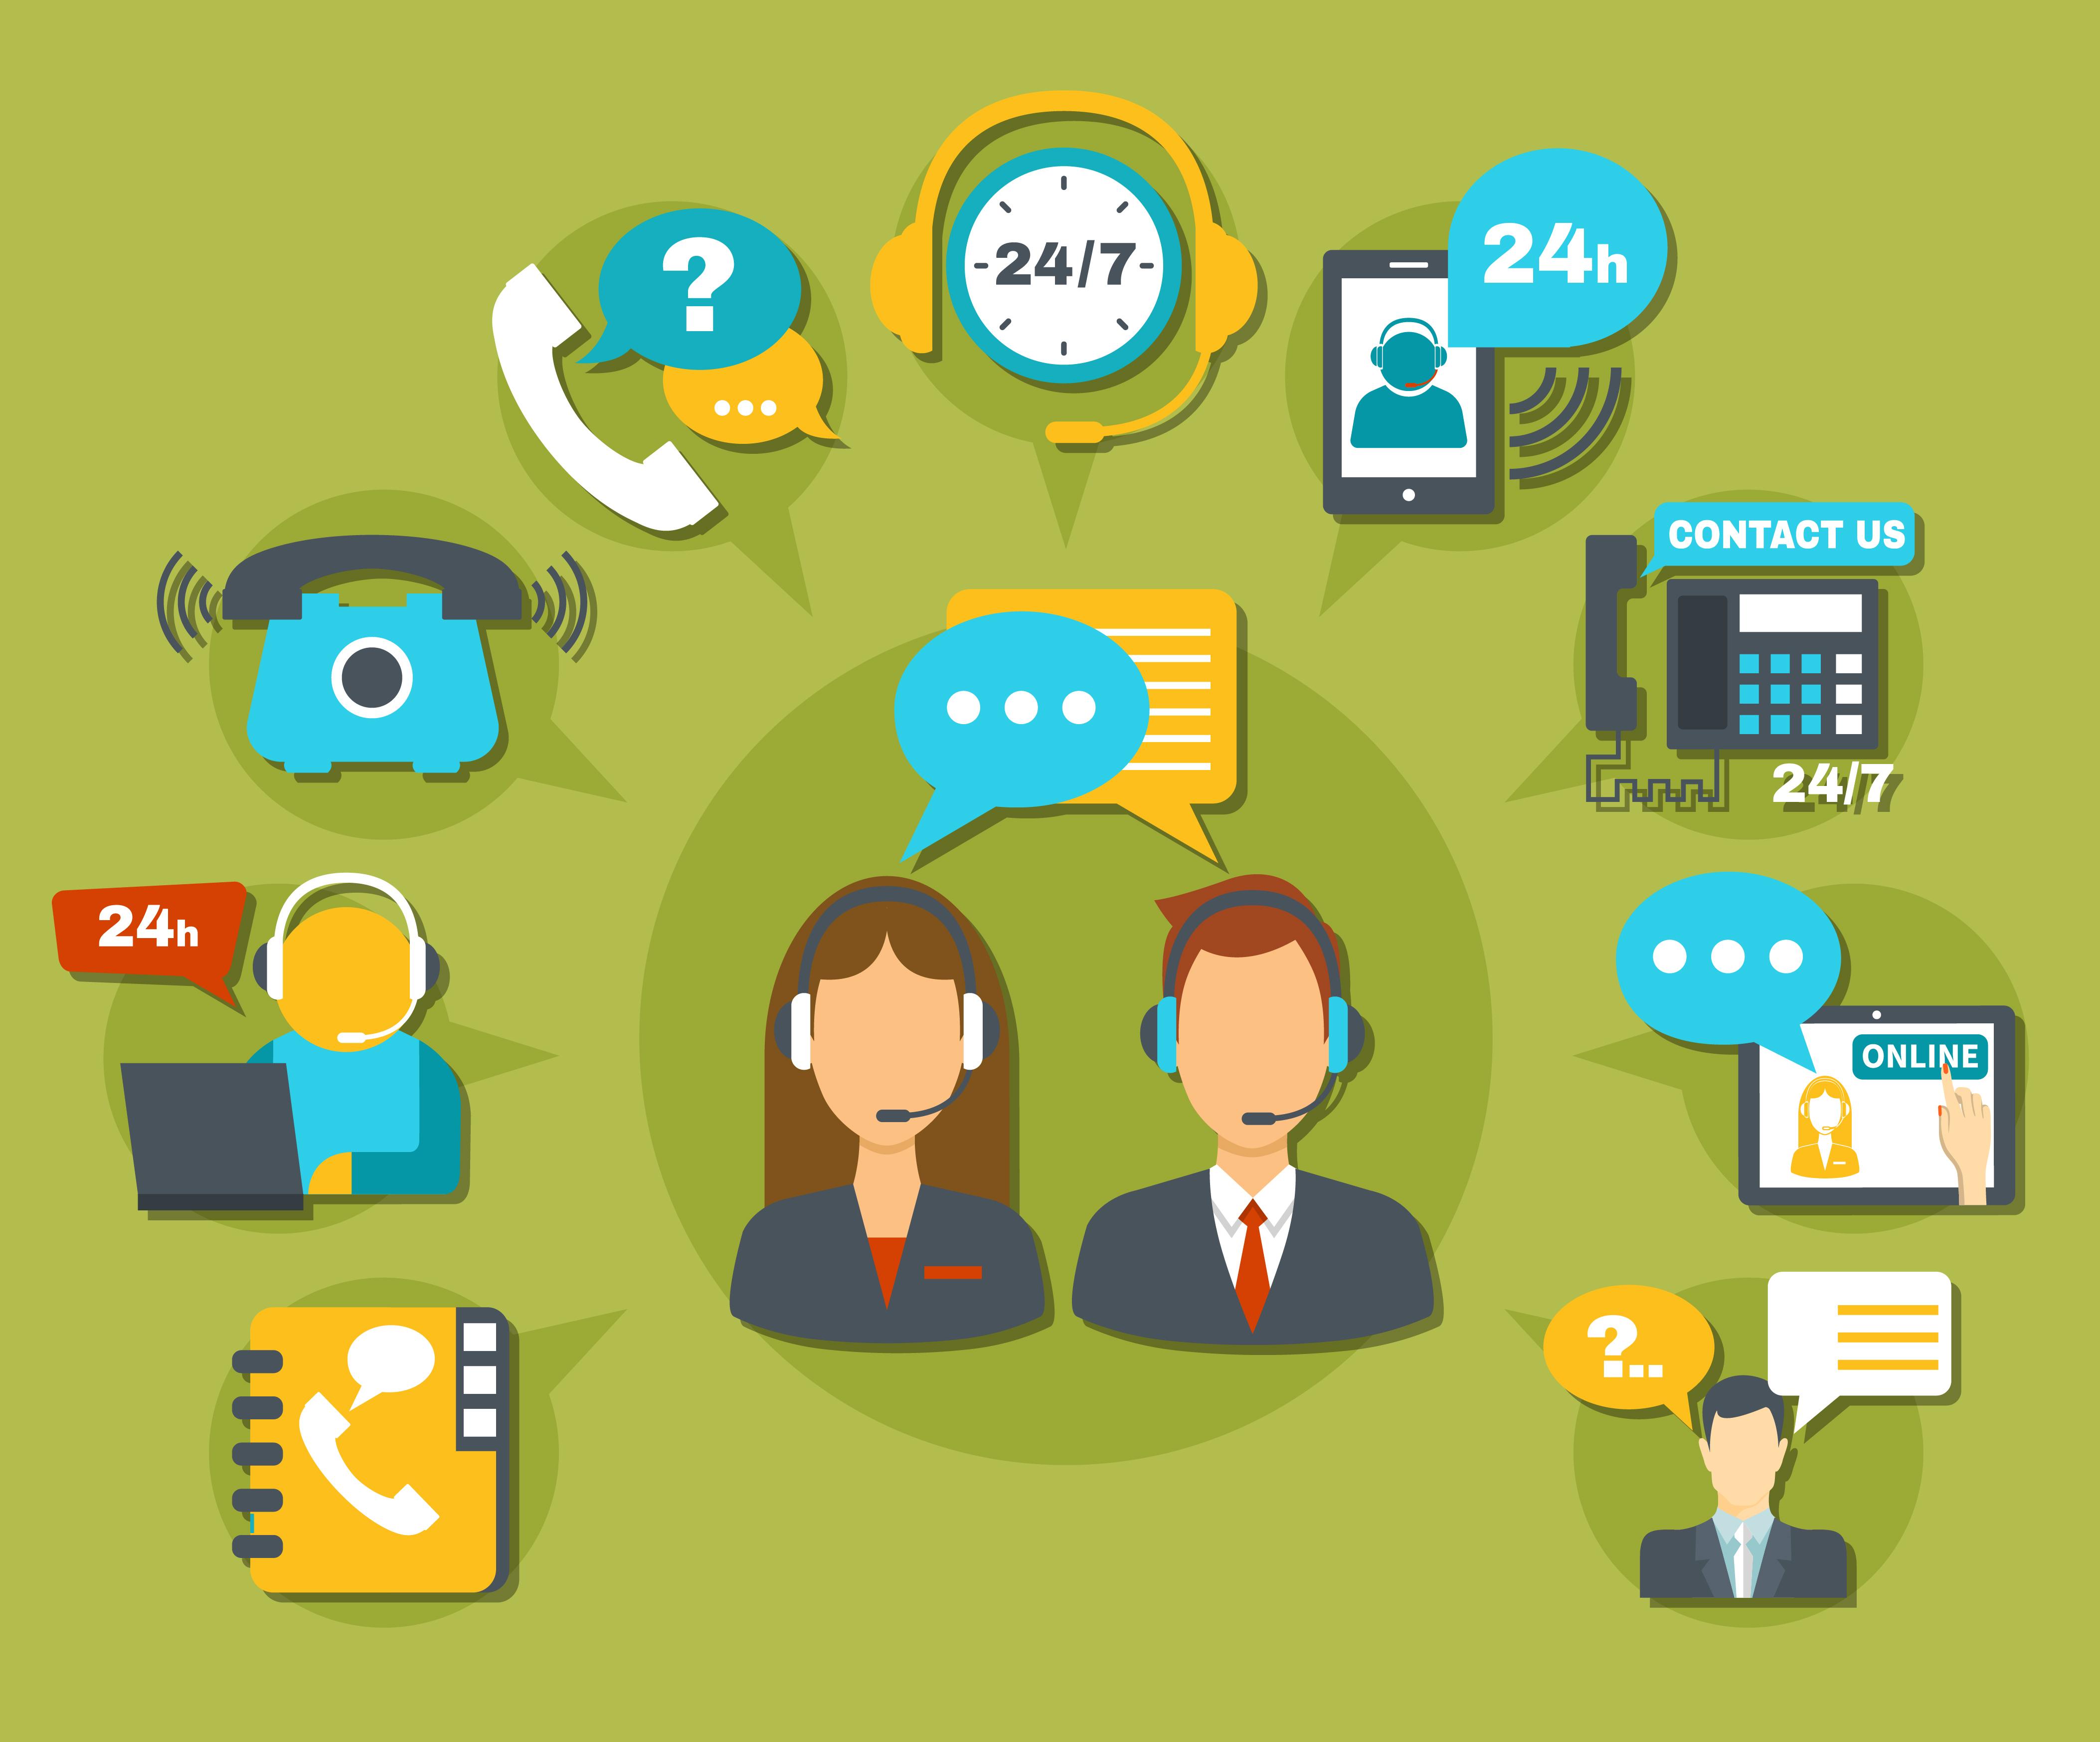 مشاوره رایگان برای خدمات ثبتی